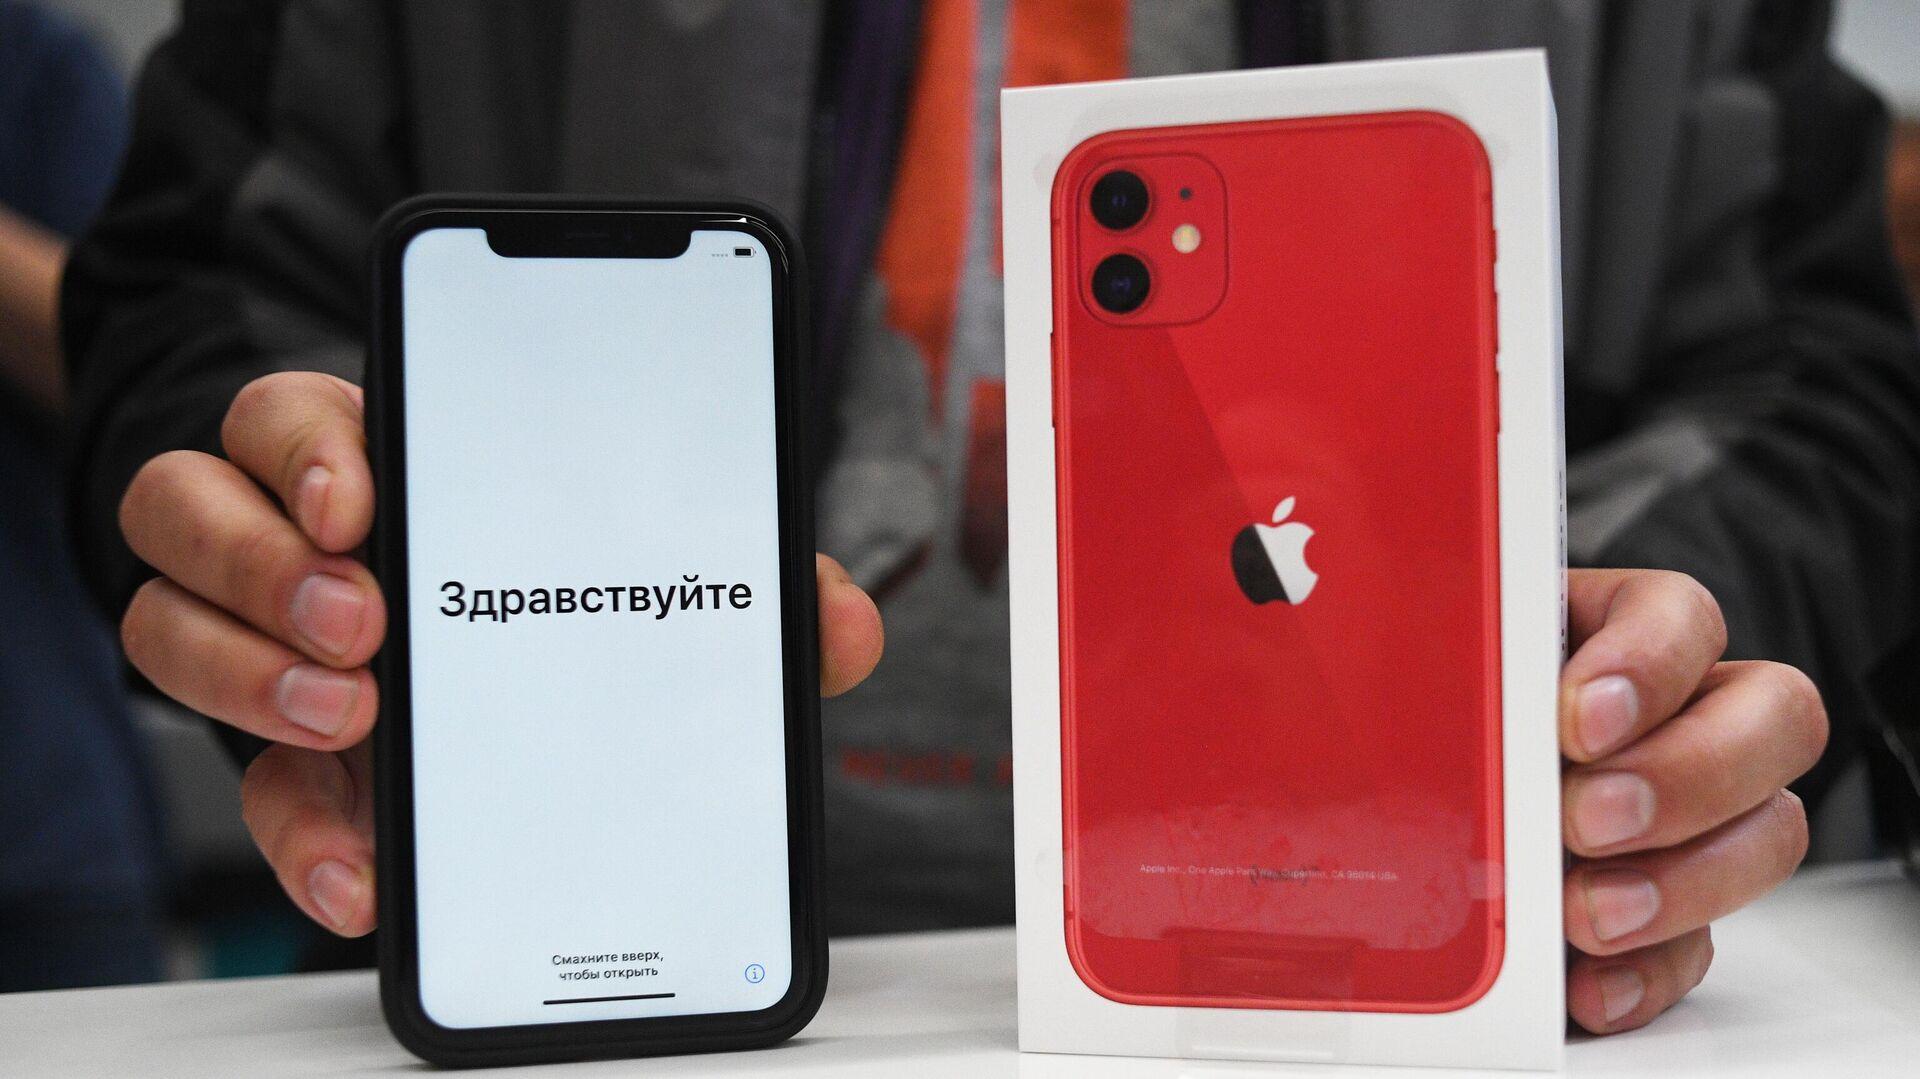 Новый смартфон компании Apple в руках покупателя в магазине re:Store в Москве - РИА Новости, 1920, 11.10.2021